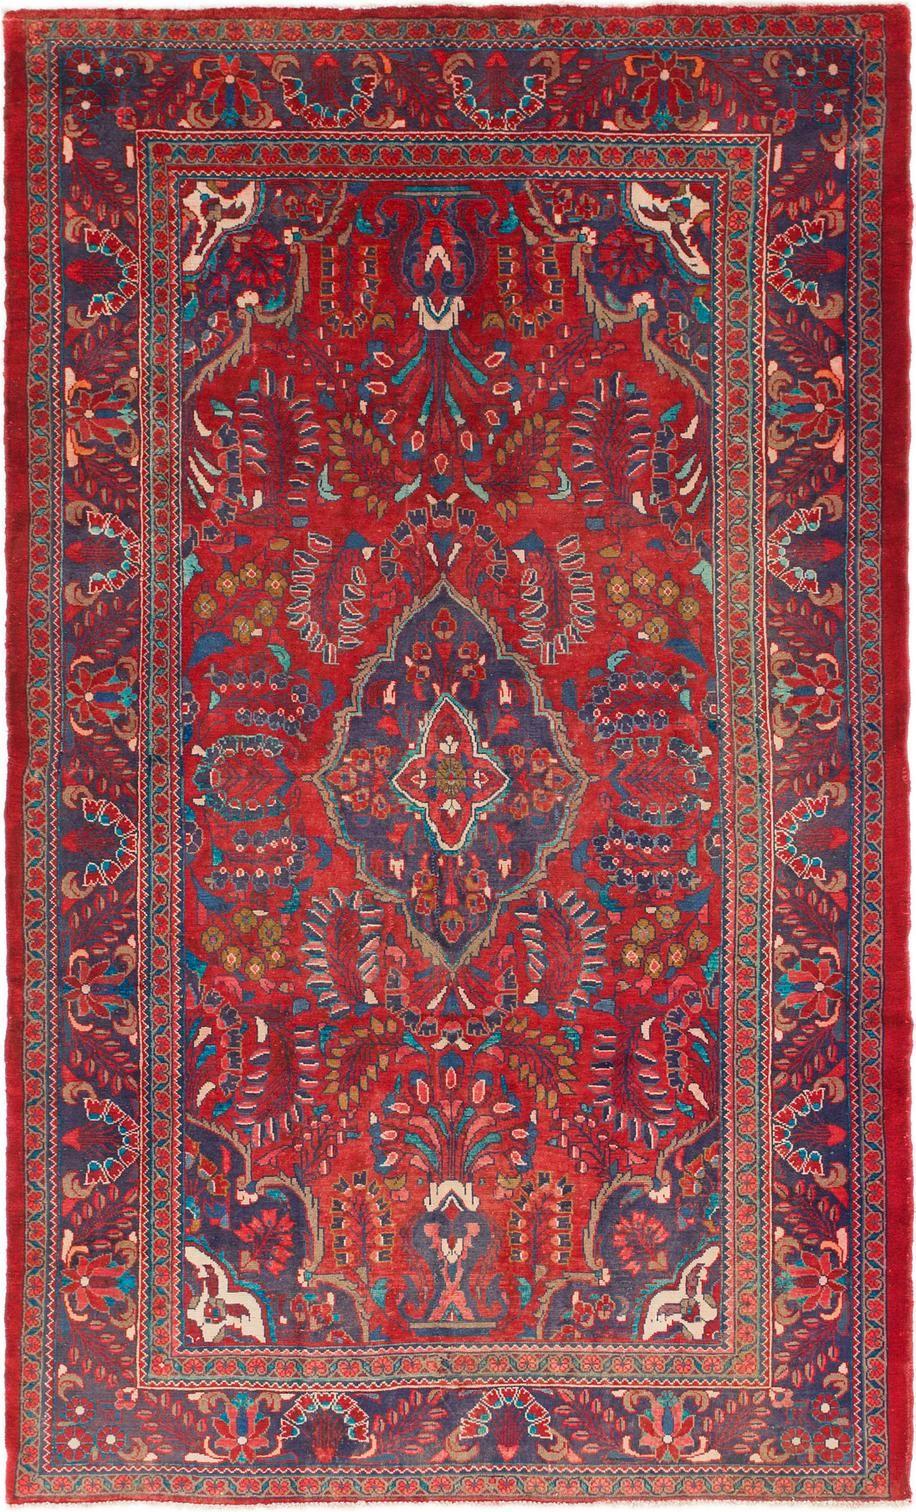 Red 6 8 X 10 7 Mehraban Persian Rug Persian Rugs Esalerugs Persian Rug Rugs Persian